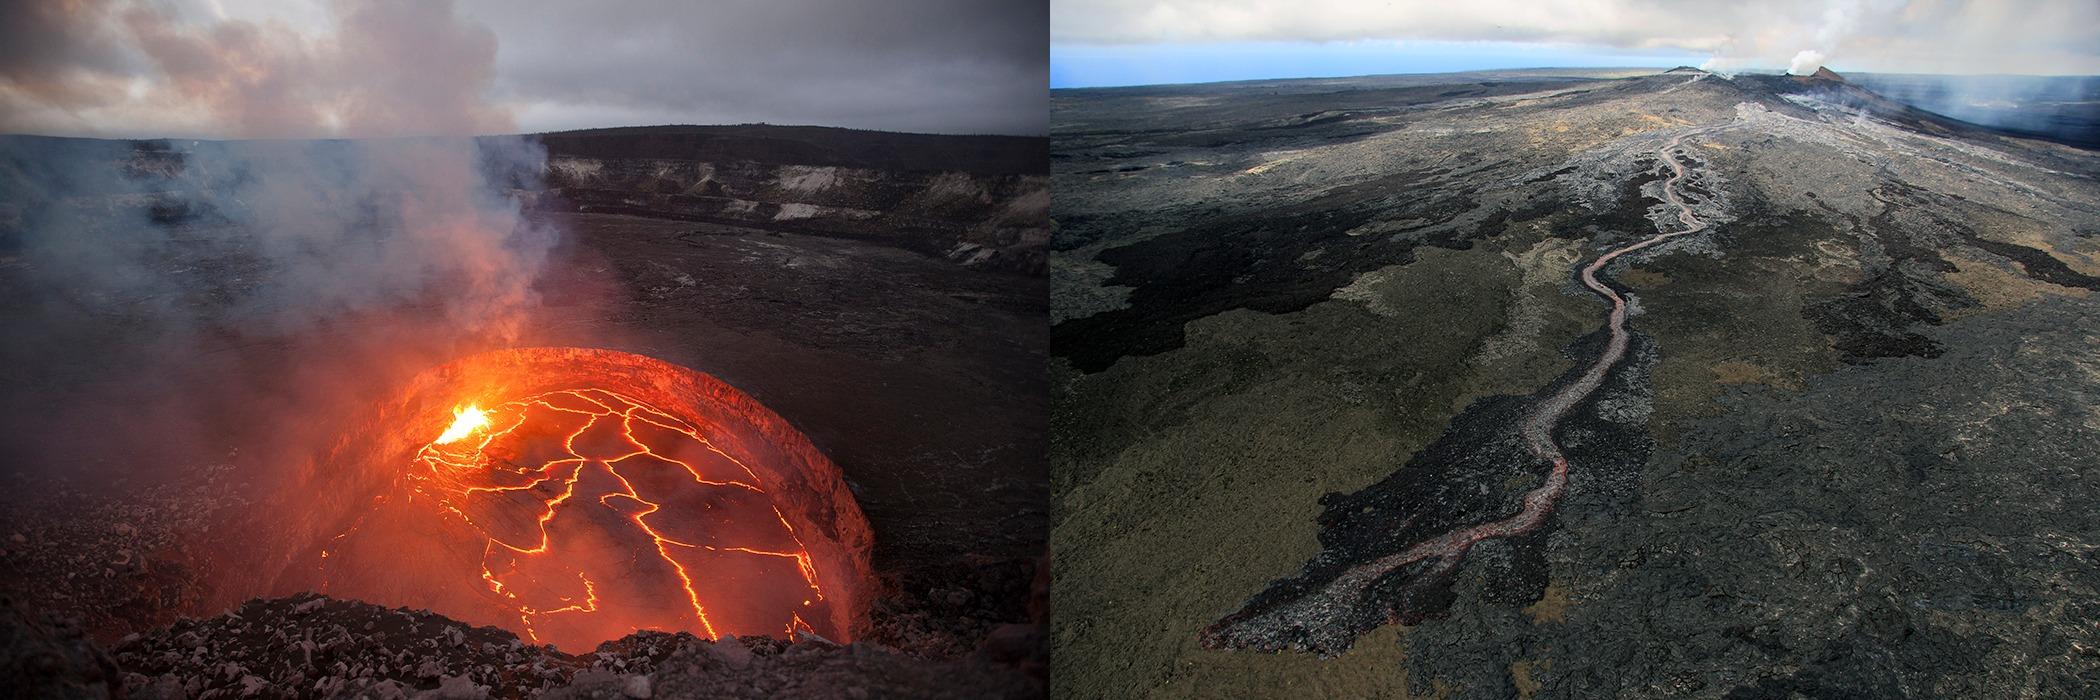 3-28-15-USGS_Halemaumau-lava-lake